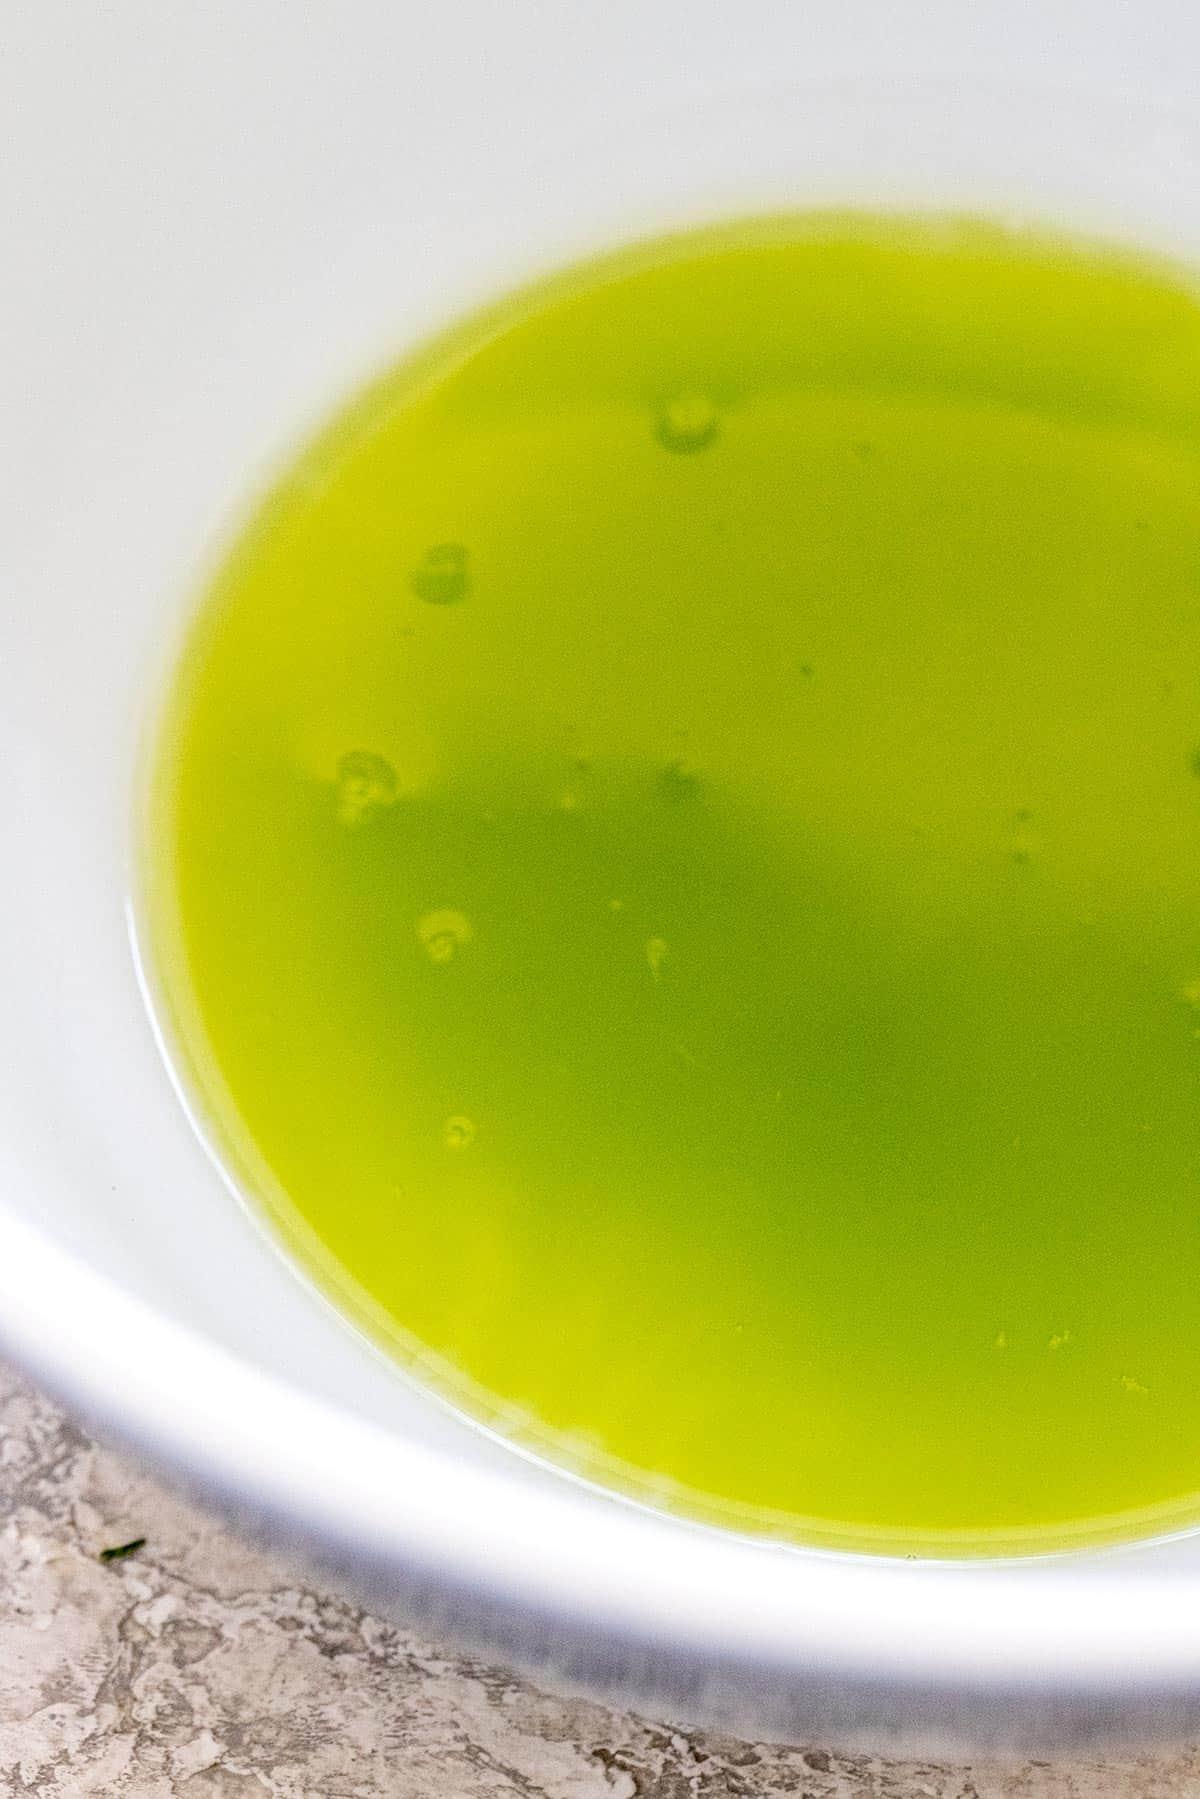 green liquid in a bowl